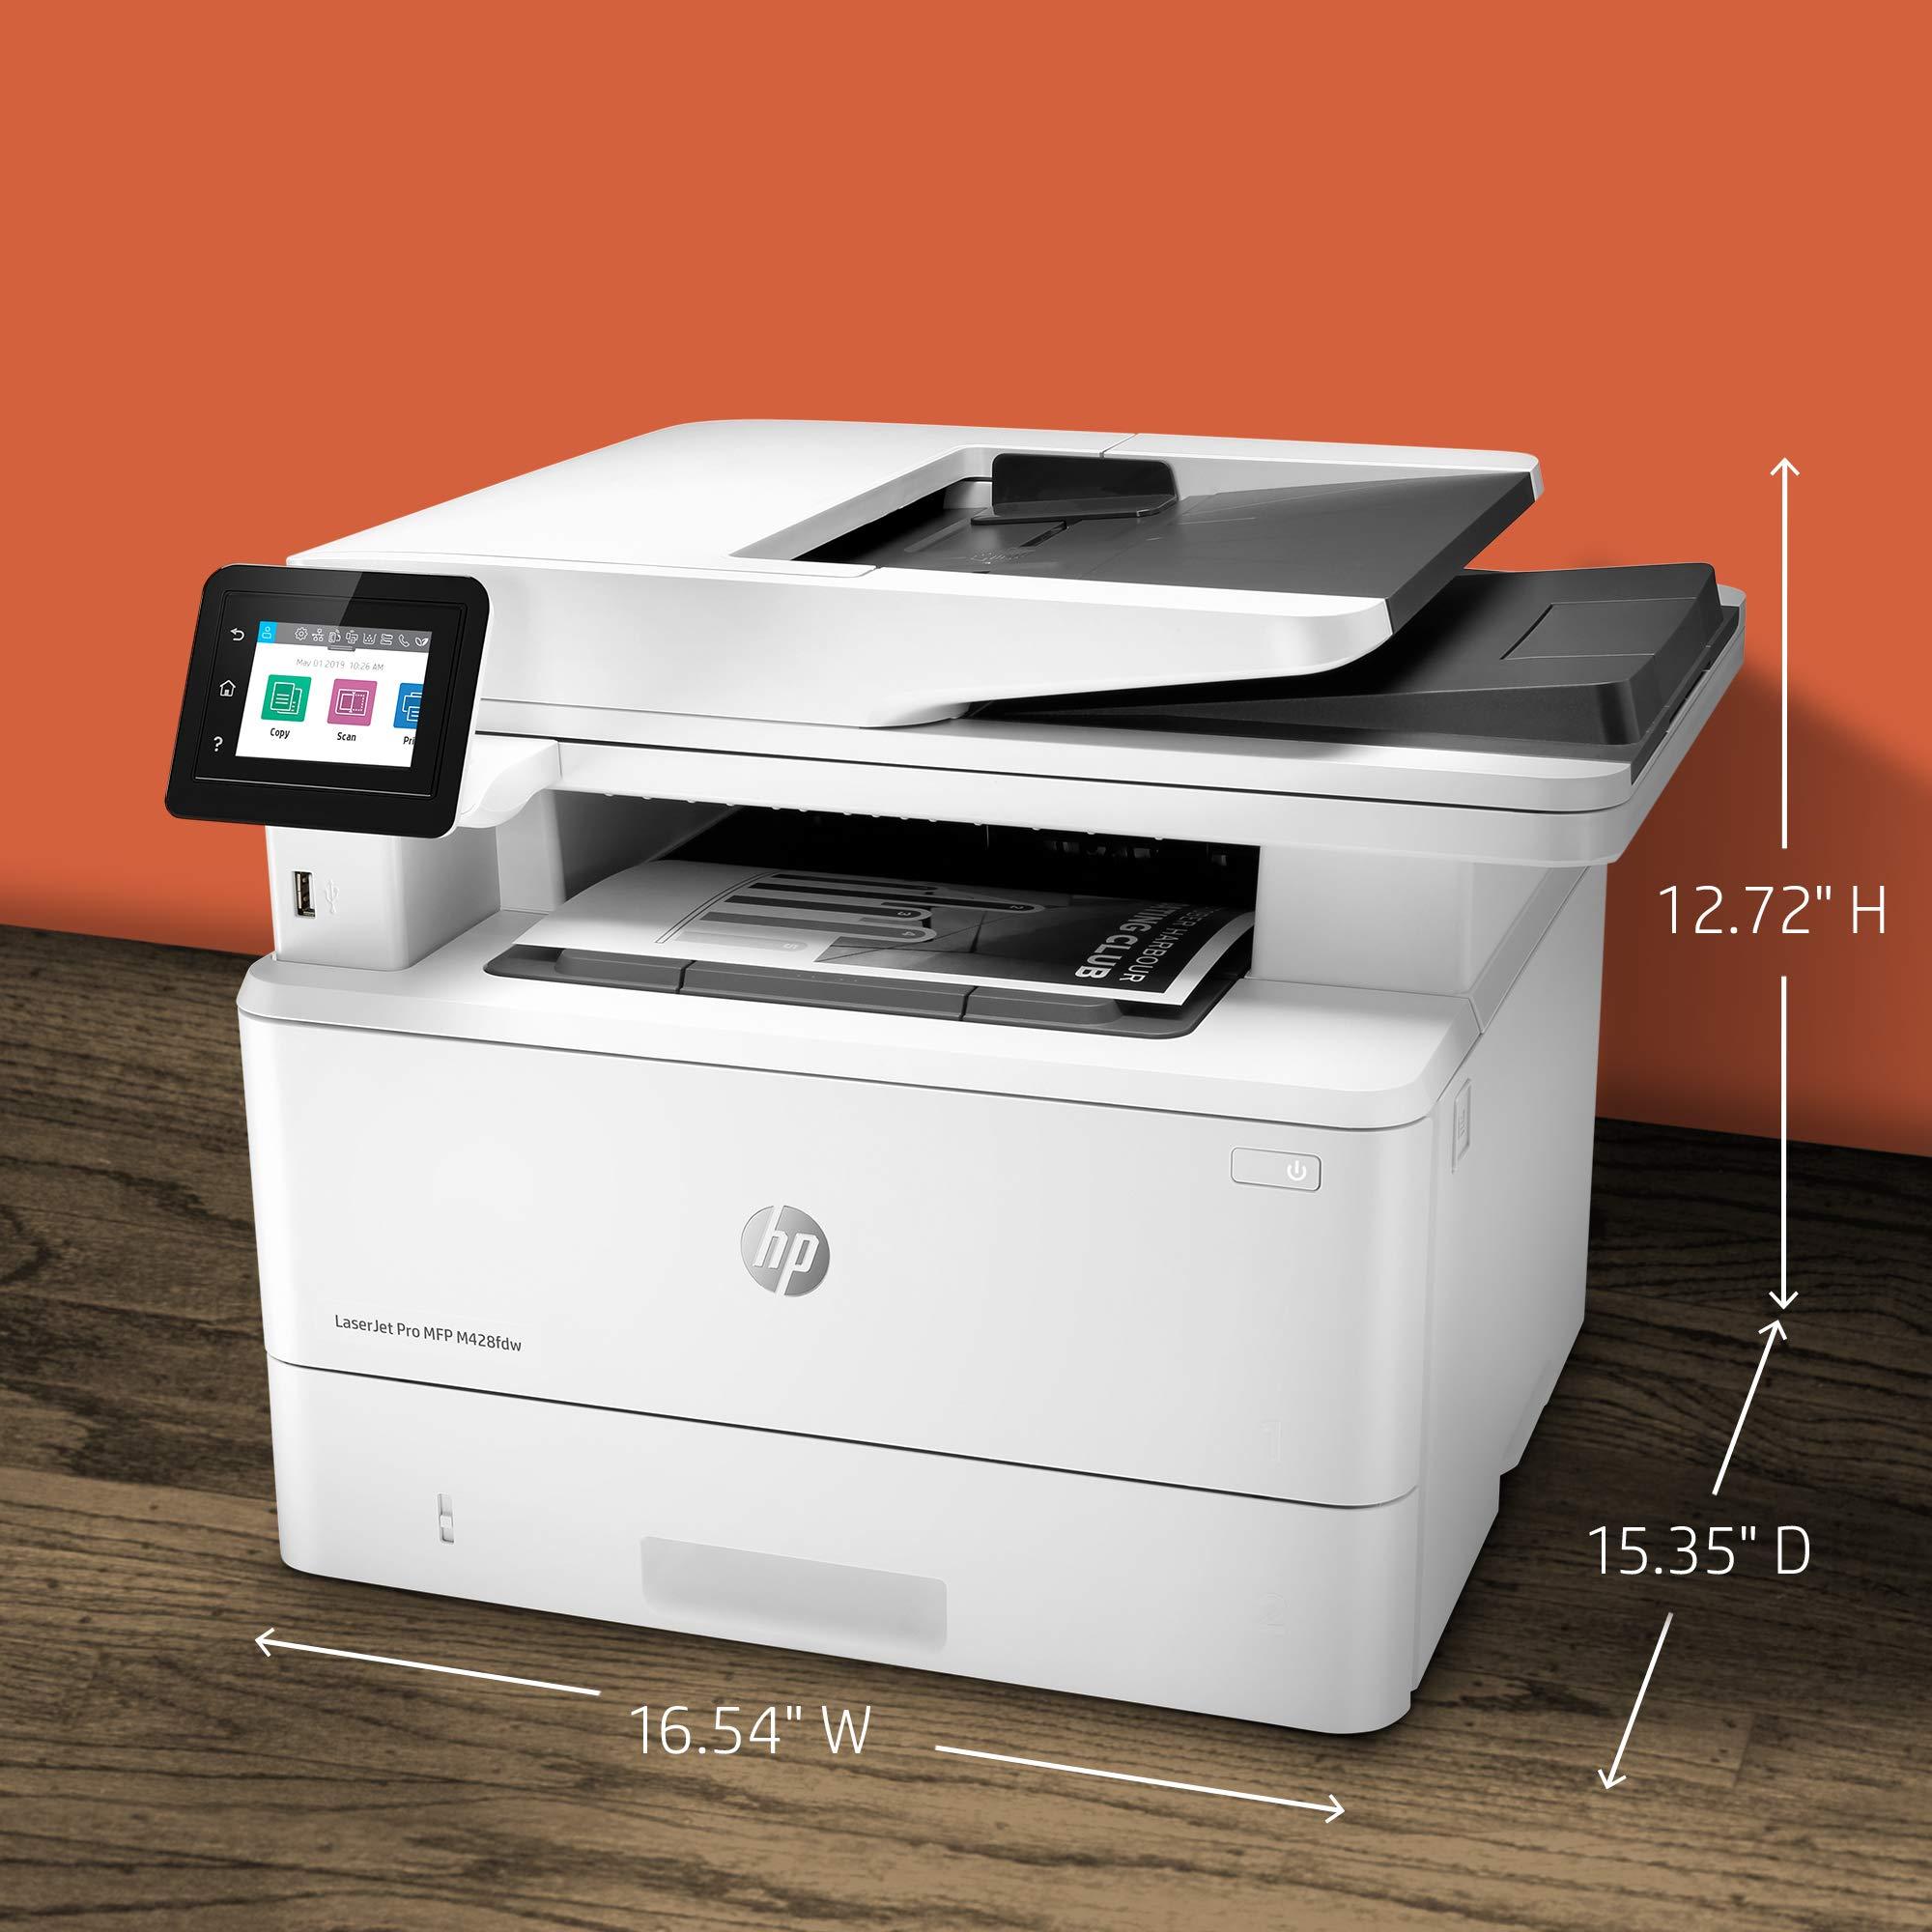 HP LaserJet Pro Multifunction M428fdw Wireless Laser Printer (W1A30A) by HP (Image #14)